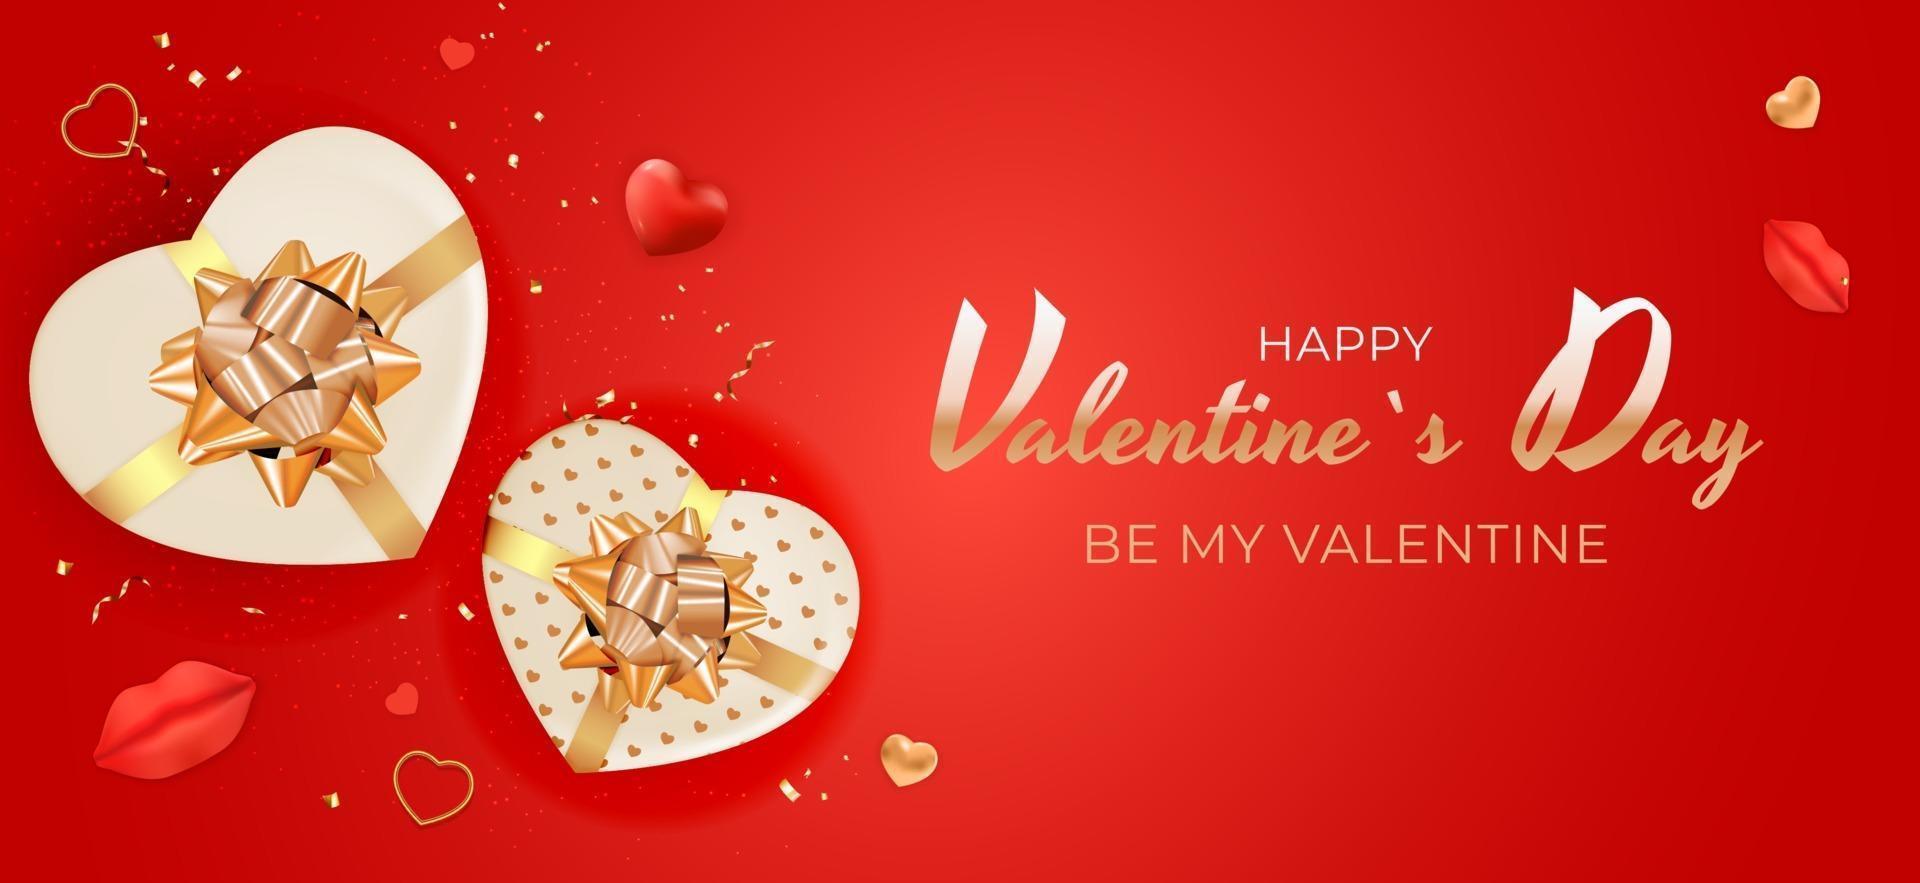 fond rouge saint valentin avec boîte-cadeau en forme de coeur vecteur